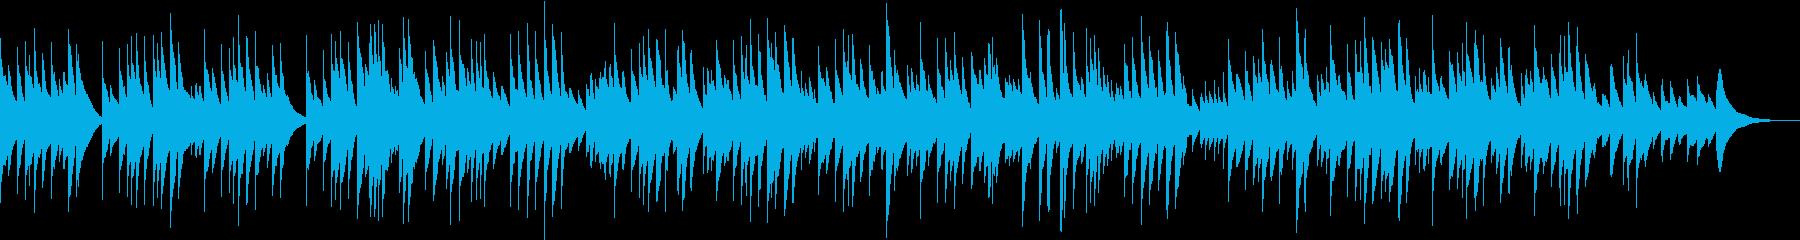 優しくて温かいオルゴール曲の再生済みの波形